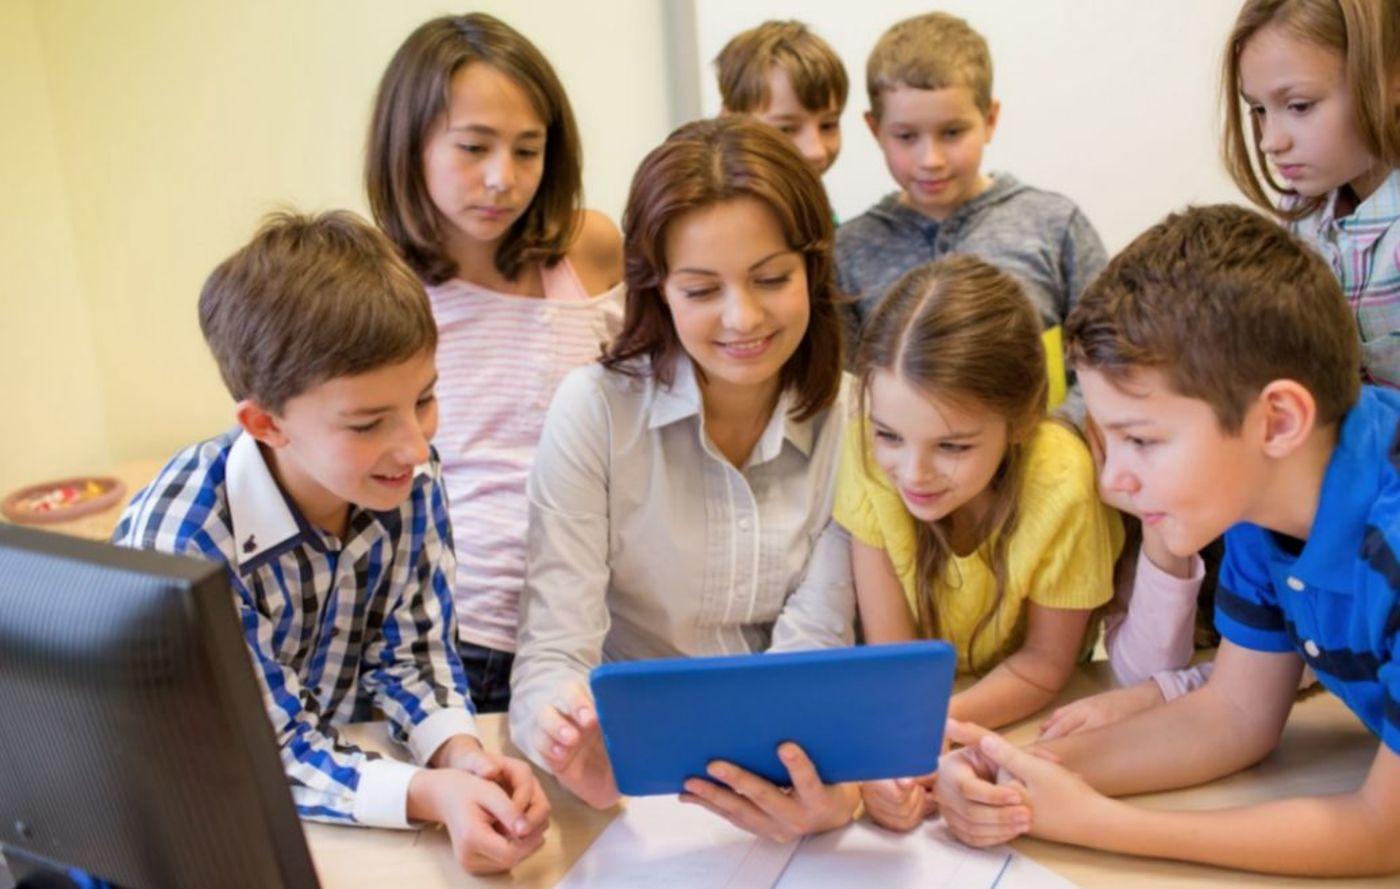 1亿学前儿童伴随屏幕成长,蕴藏着什么样的内容红利?